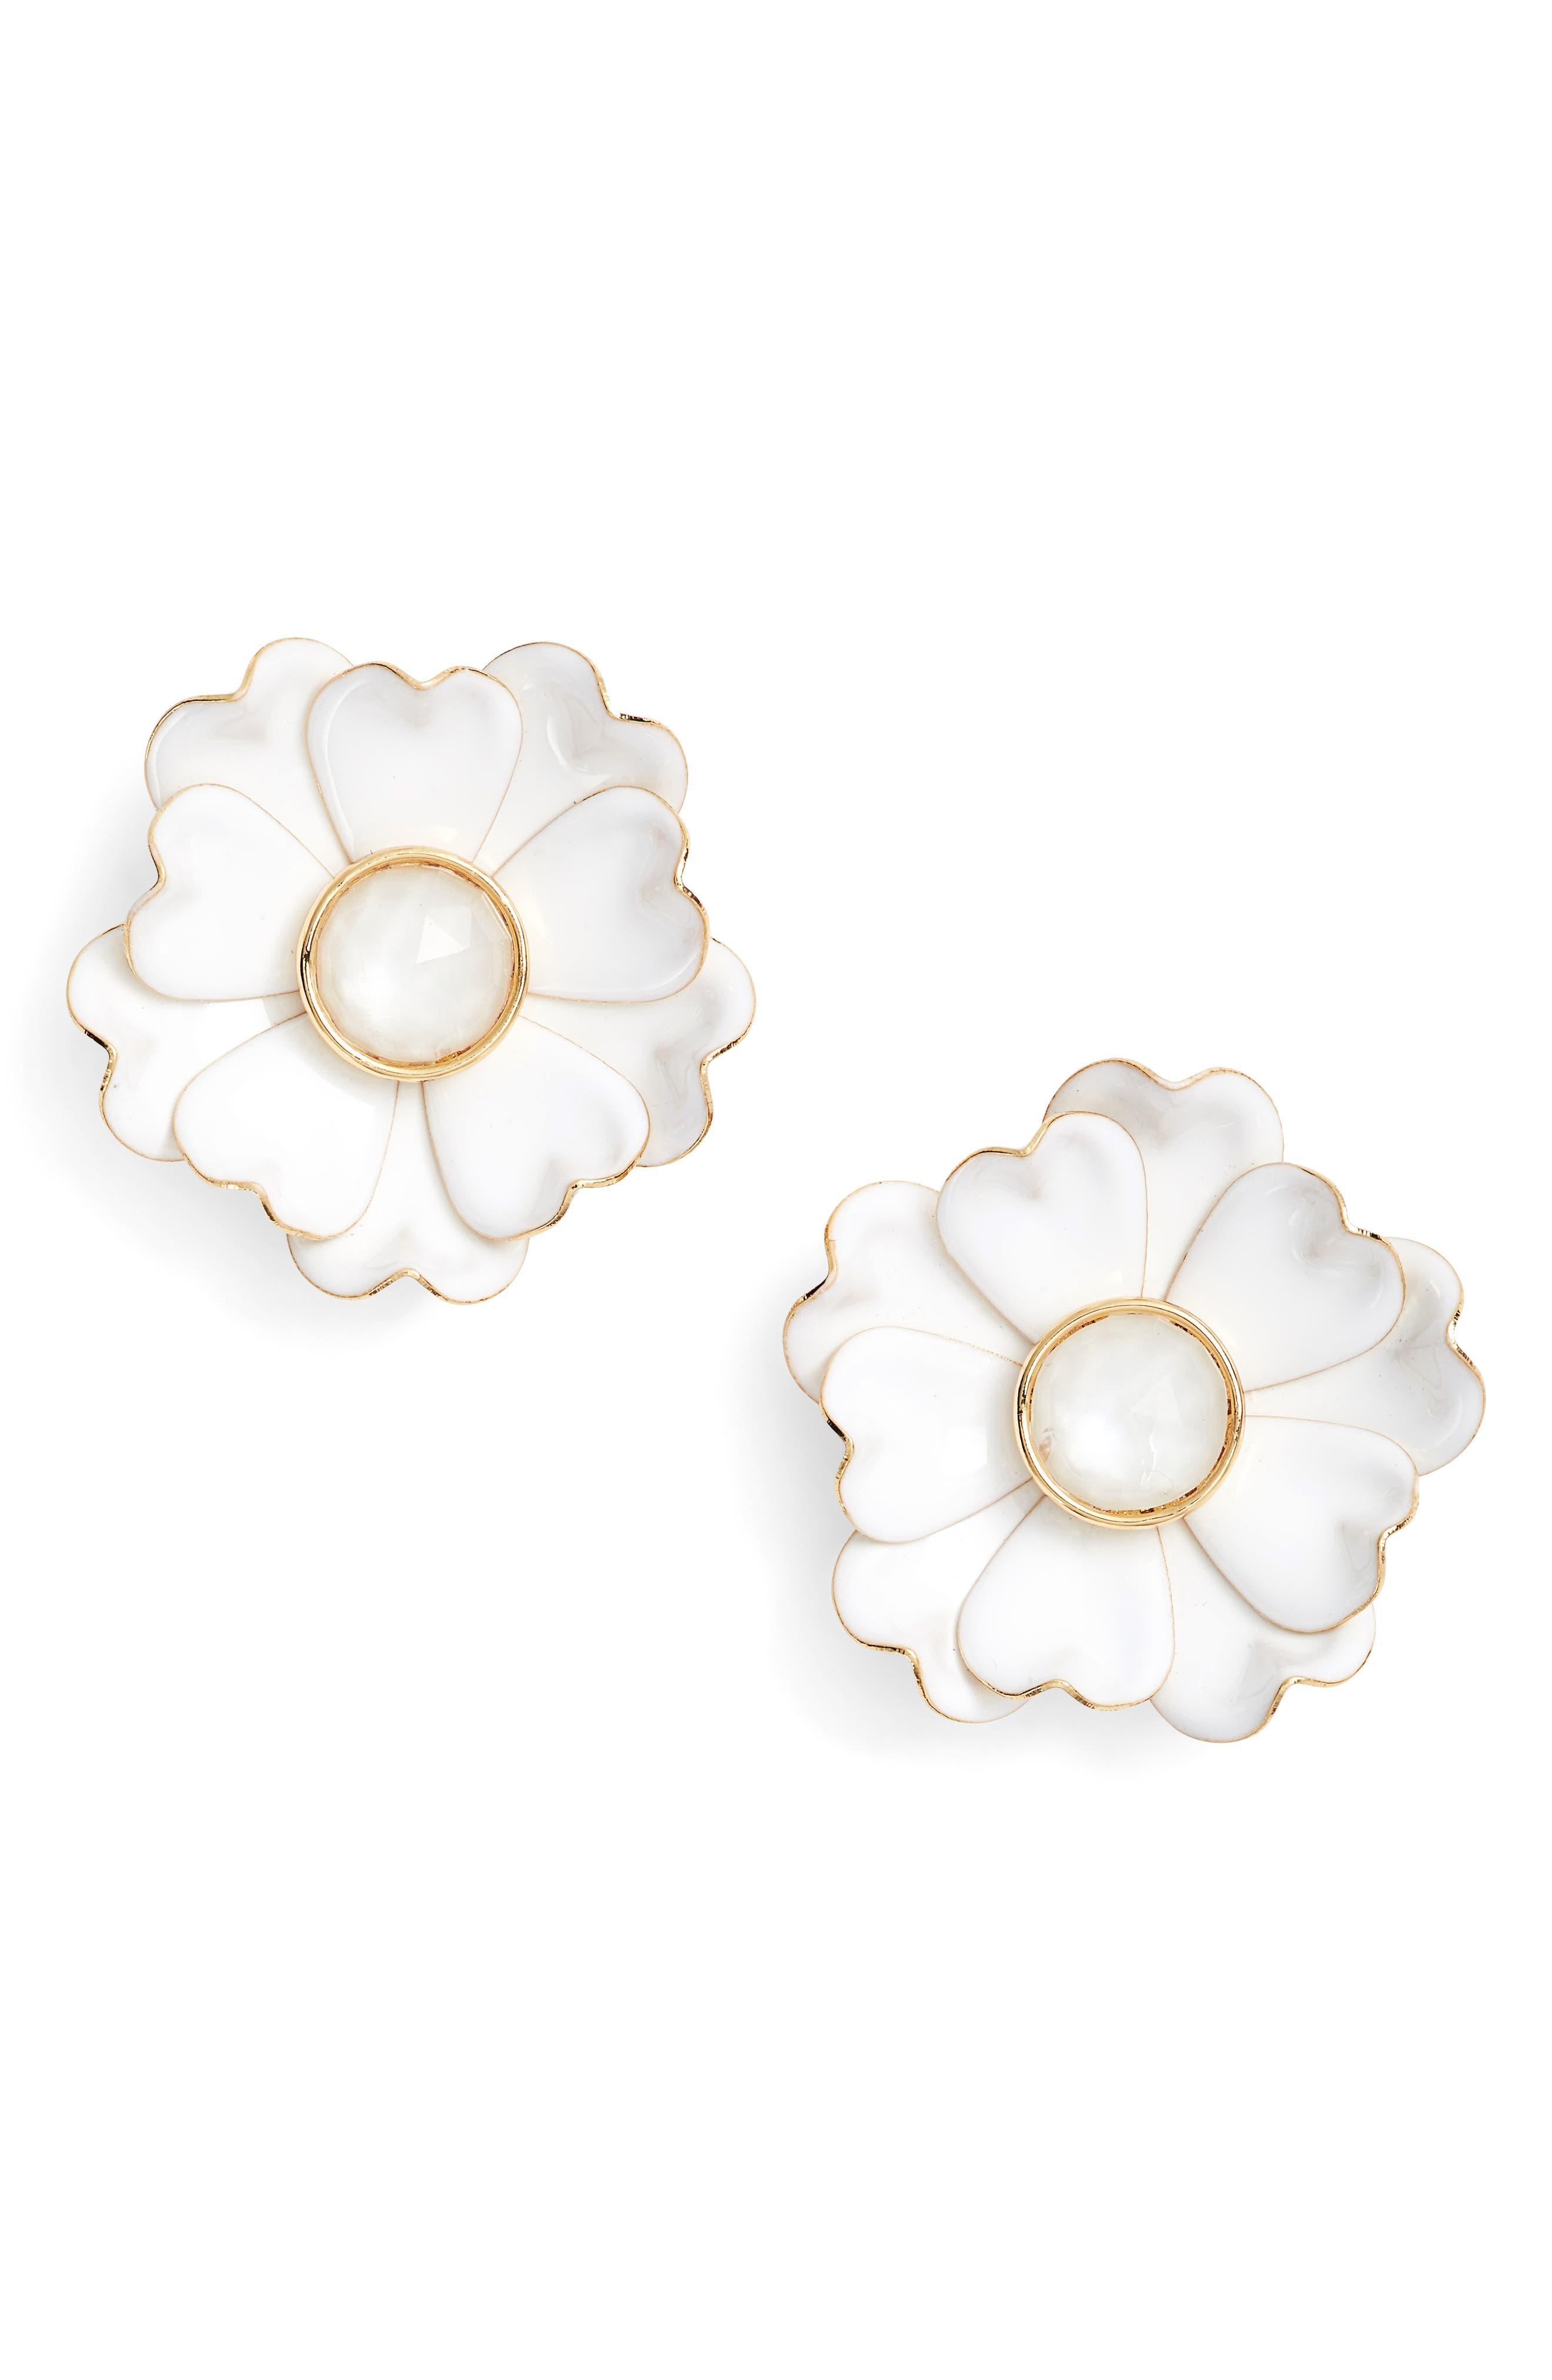 KATE SPADE NEW YORK bright blossom earrings